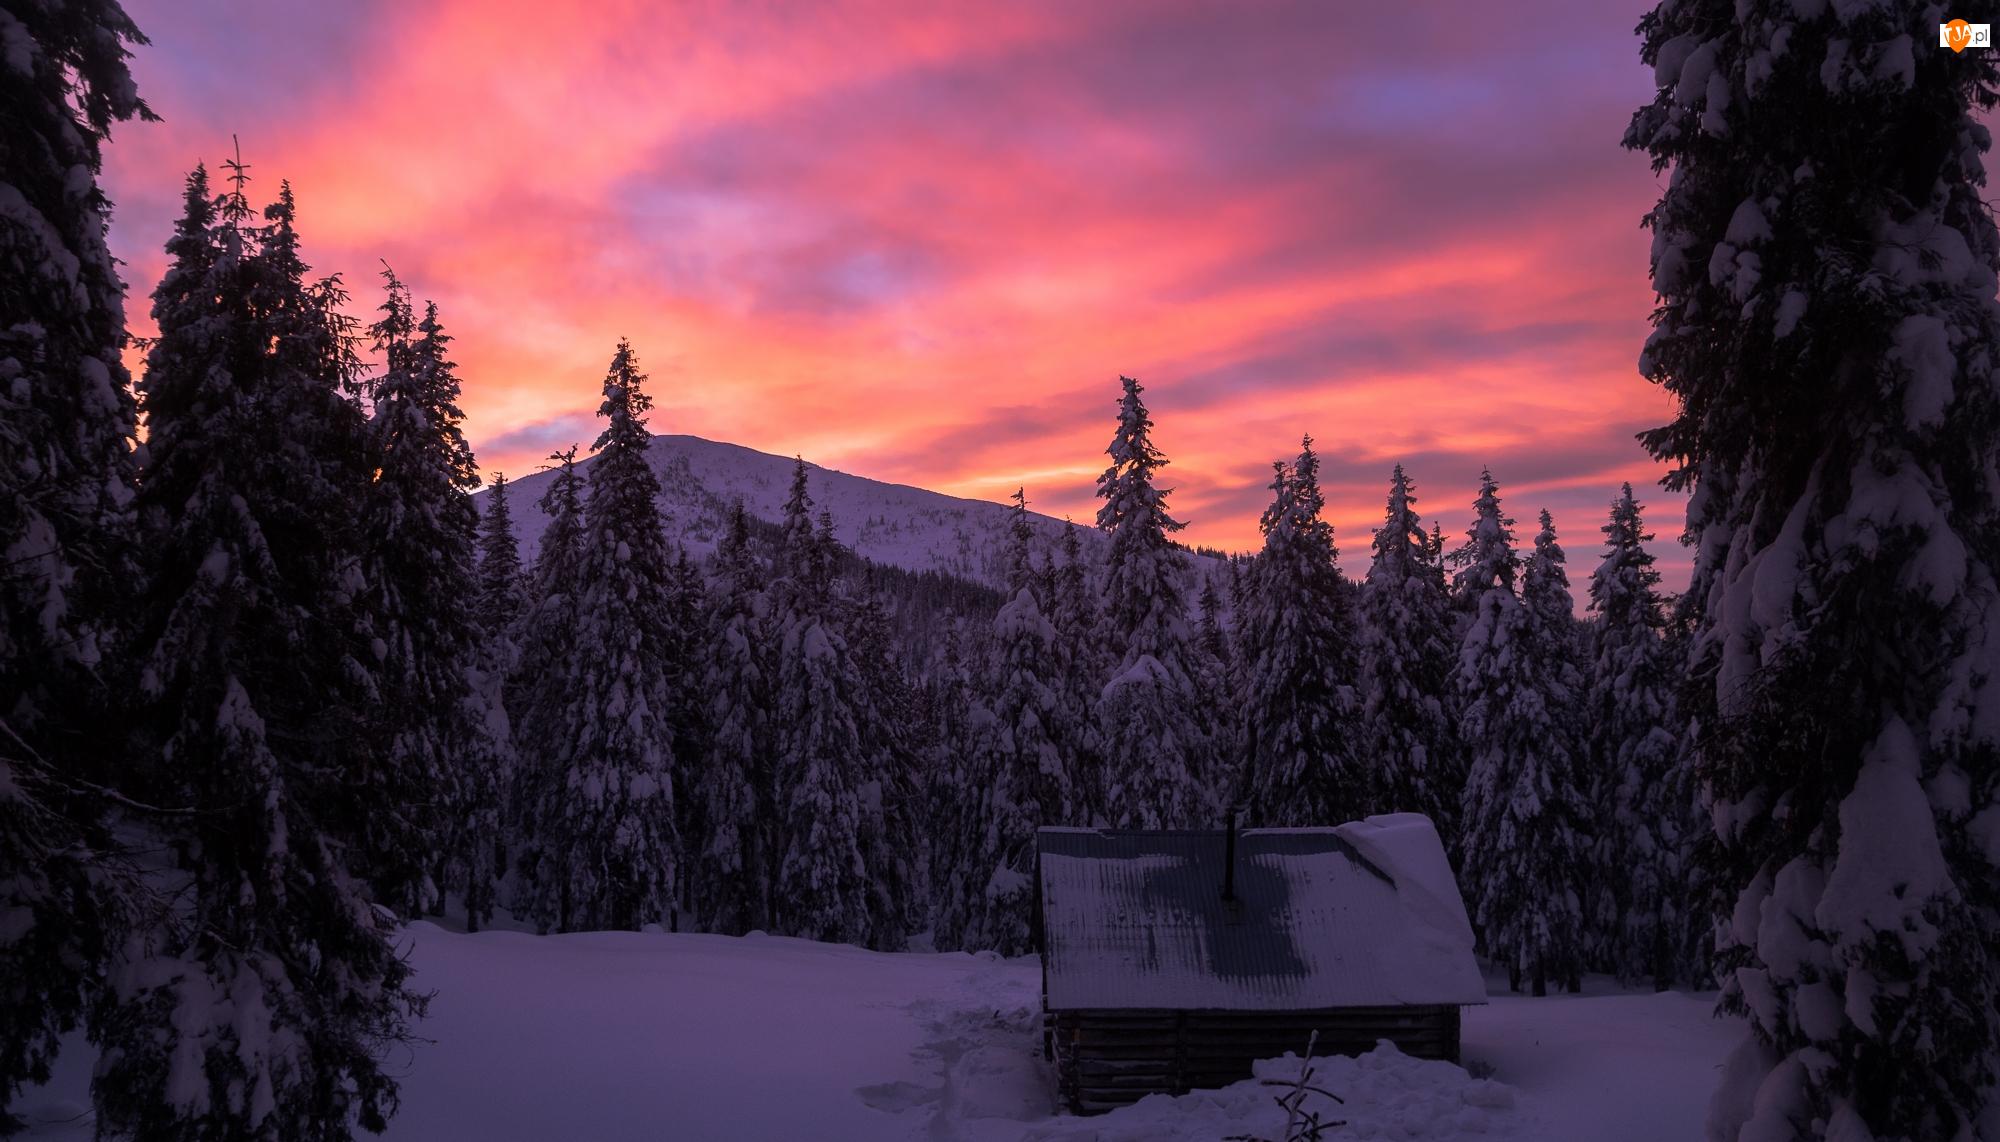 Ukraina, Góry, Wschód słońca, Drewniana, Chata, Karpaty, Drzewa, Zima, Las